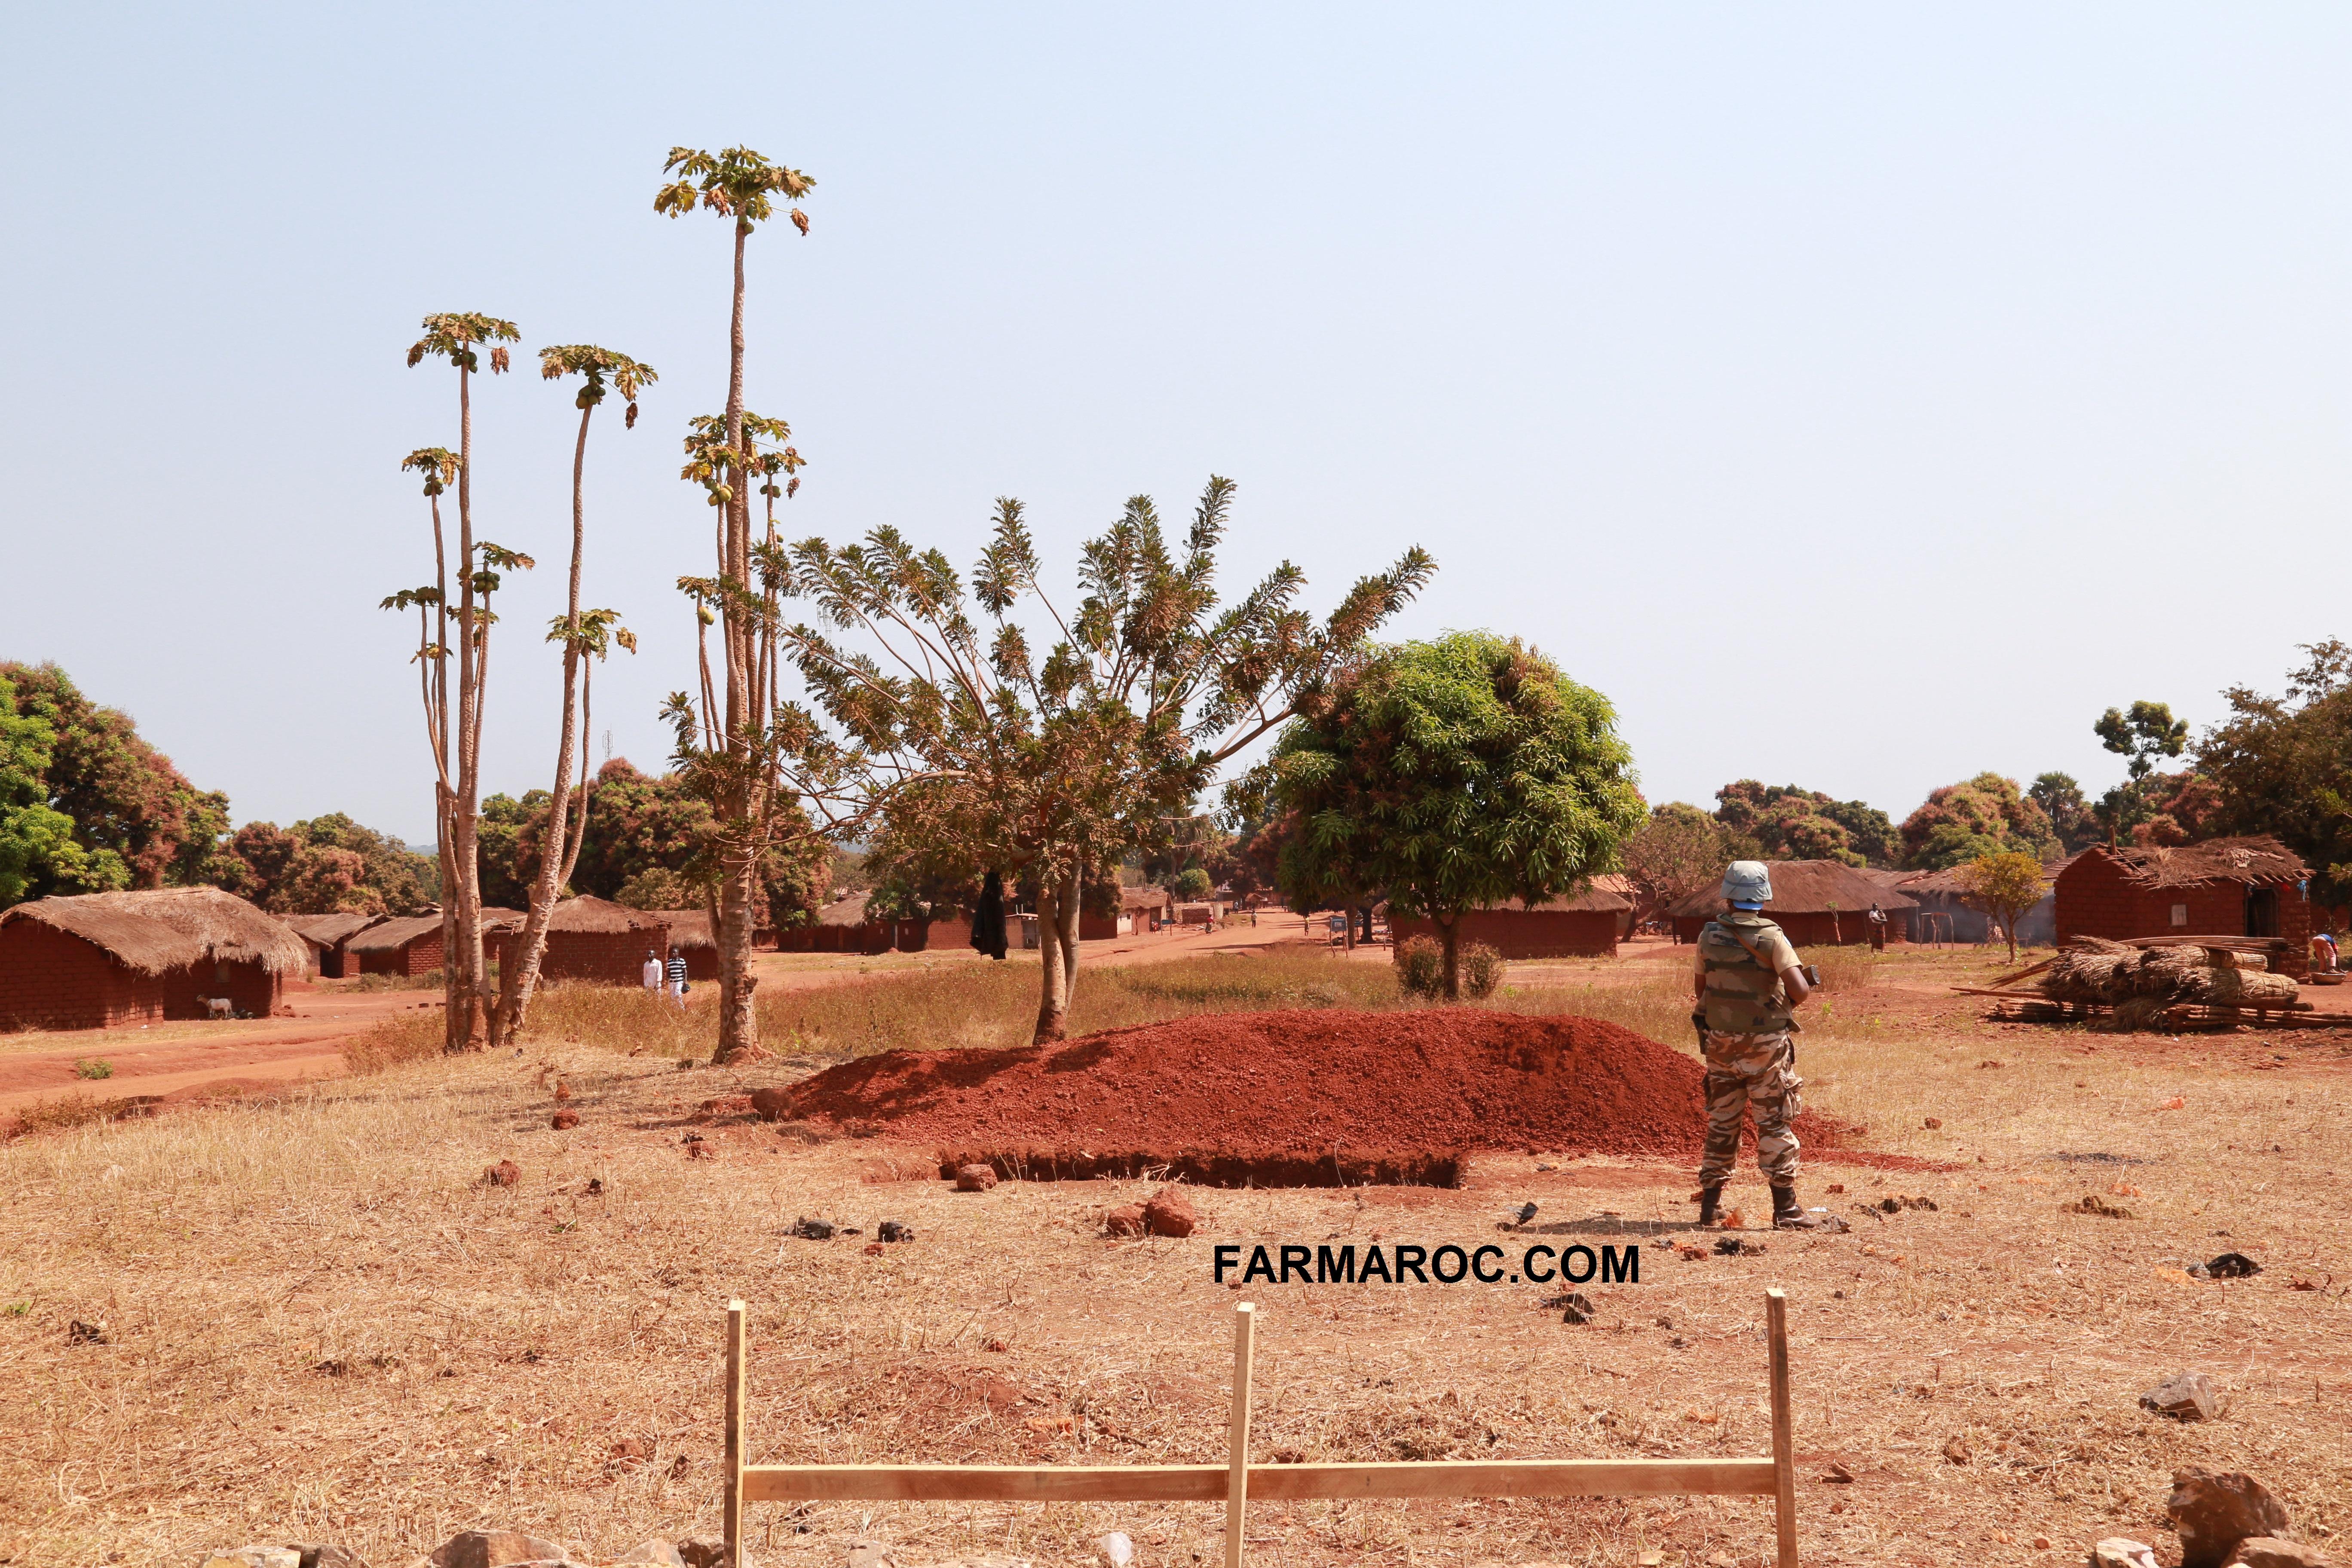 Maintien de la paix dans le monde - Les FAR en République Centrafricaine - RCA (MINUSCA) - Page 3 74004024068209365e3b9ab2b29o